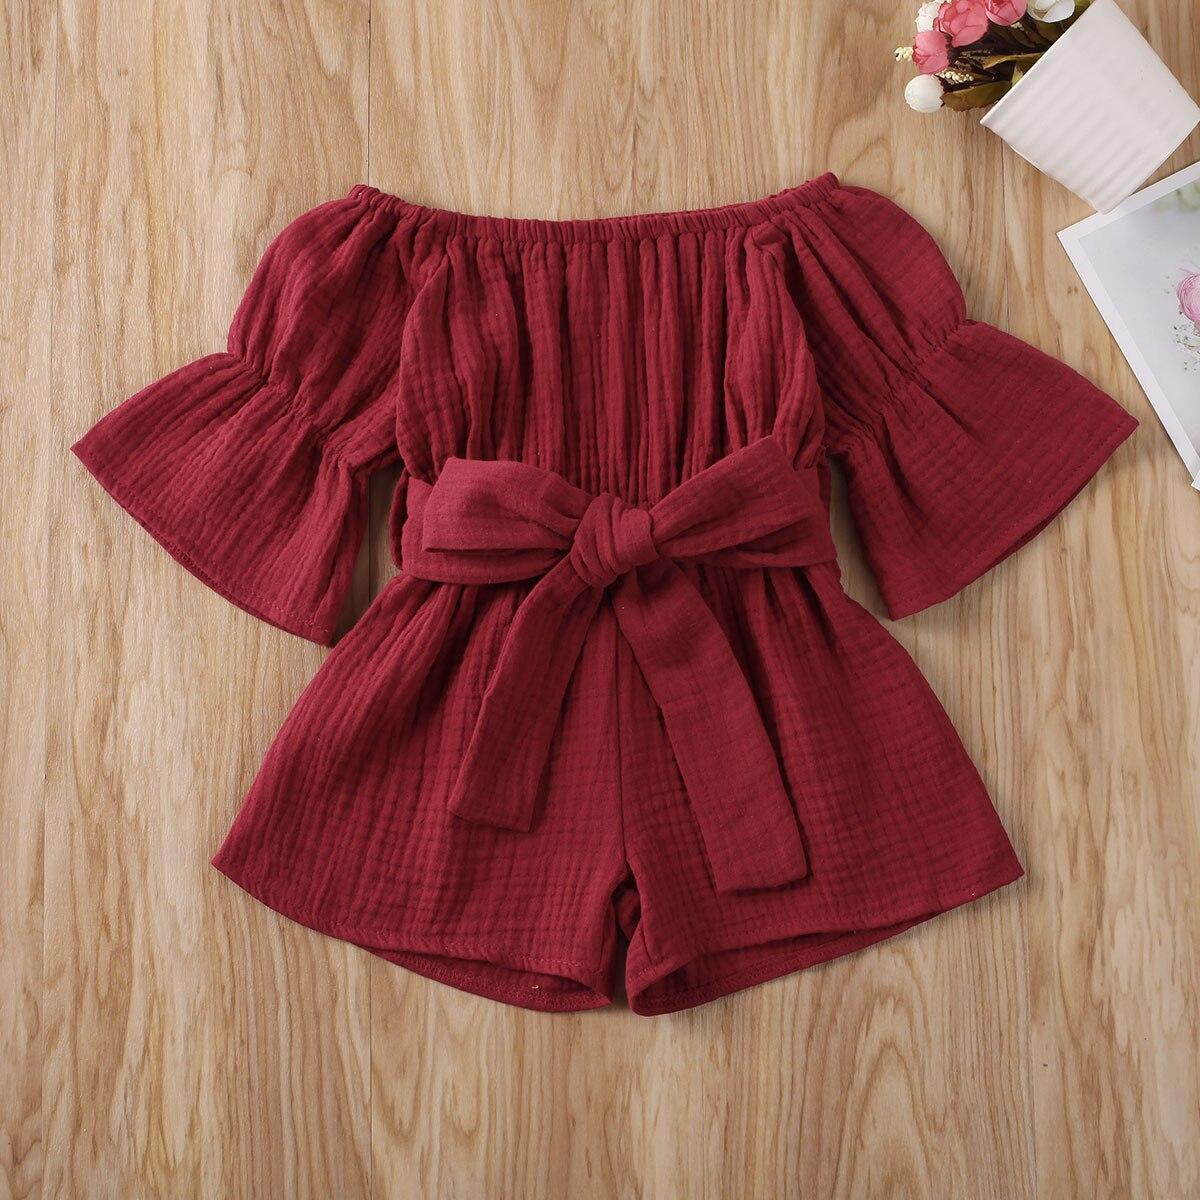 Pudcoco, одежда для маленьких девочек, летний однотонный комбинезон с открытыми плечами и коротким рукавом, комбинезон, наряд, костюм от солнца,...